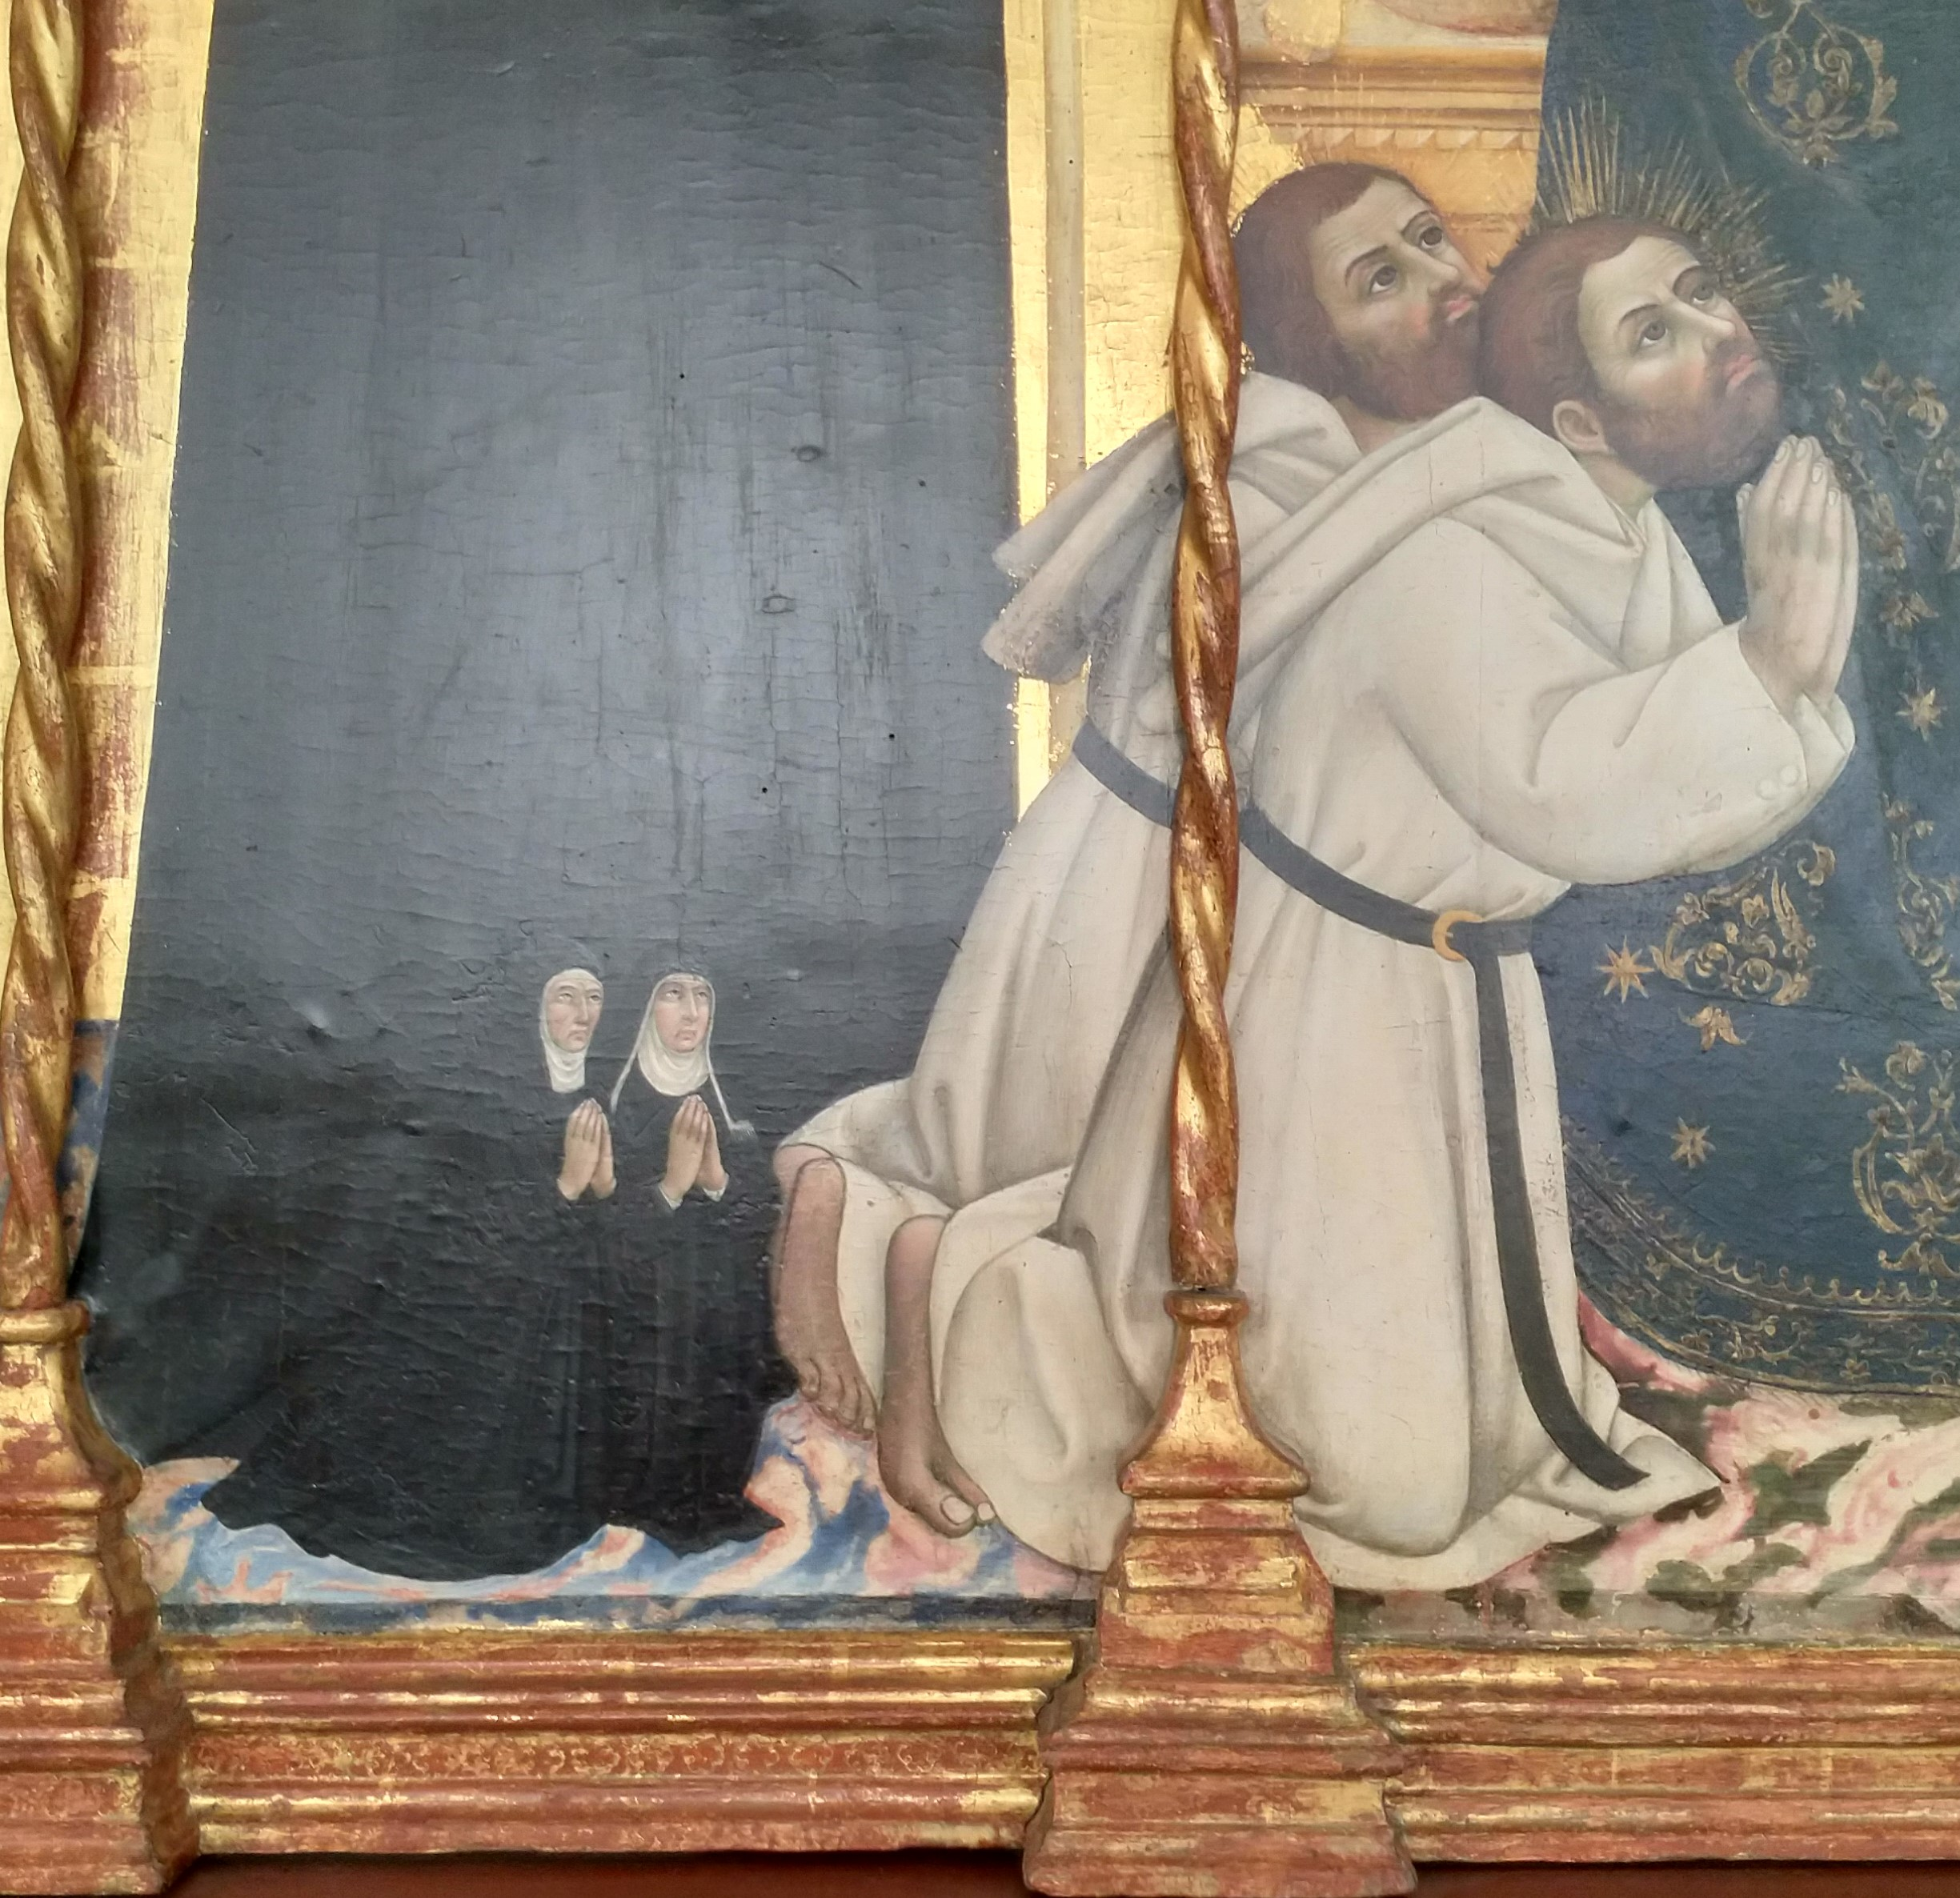 1440 Sano di Pietro Triitico di santa bonda tra angeli e donatori, Pinacoteca Nazionale, Siena detail1